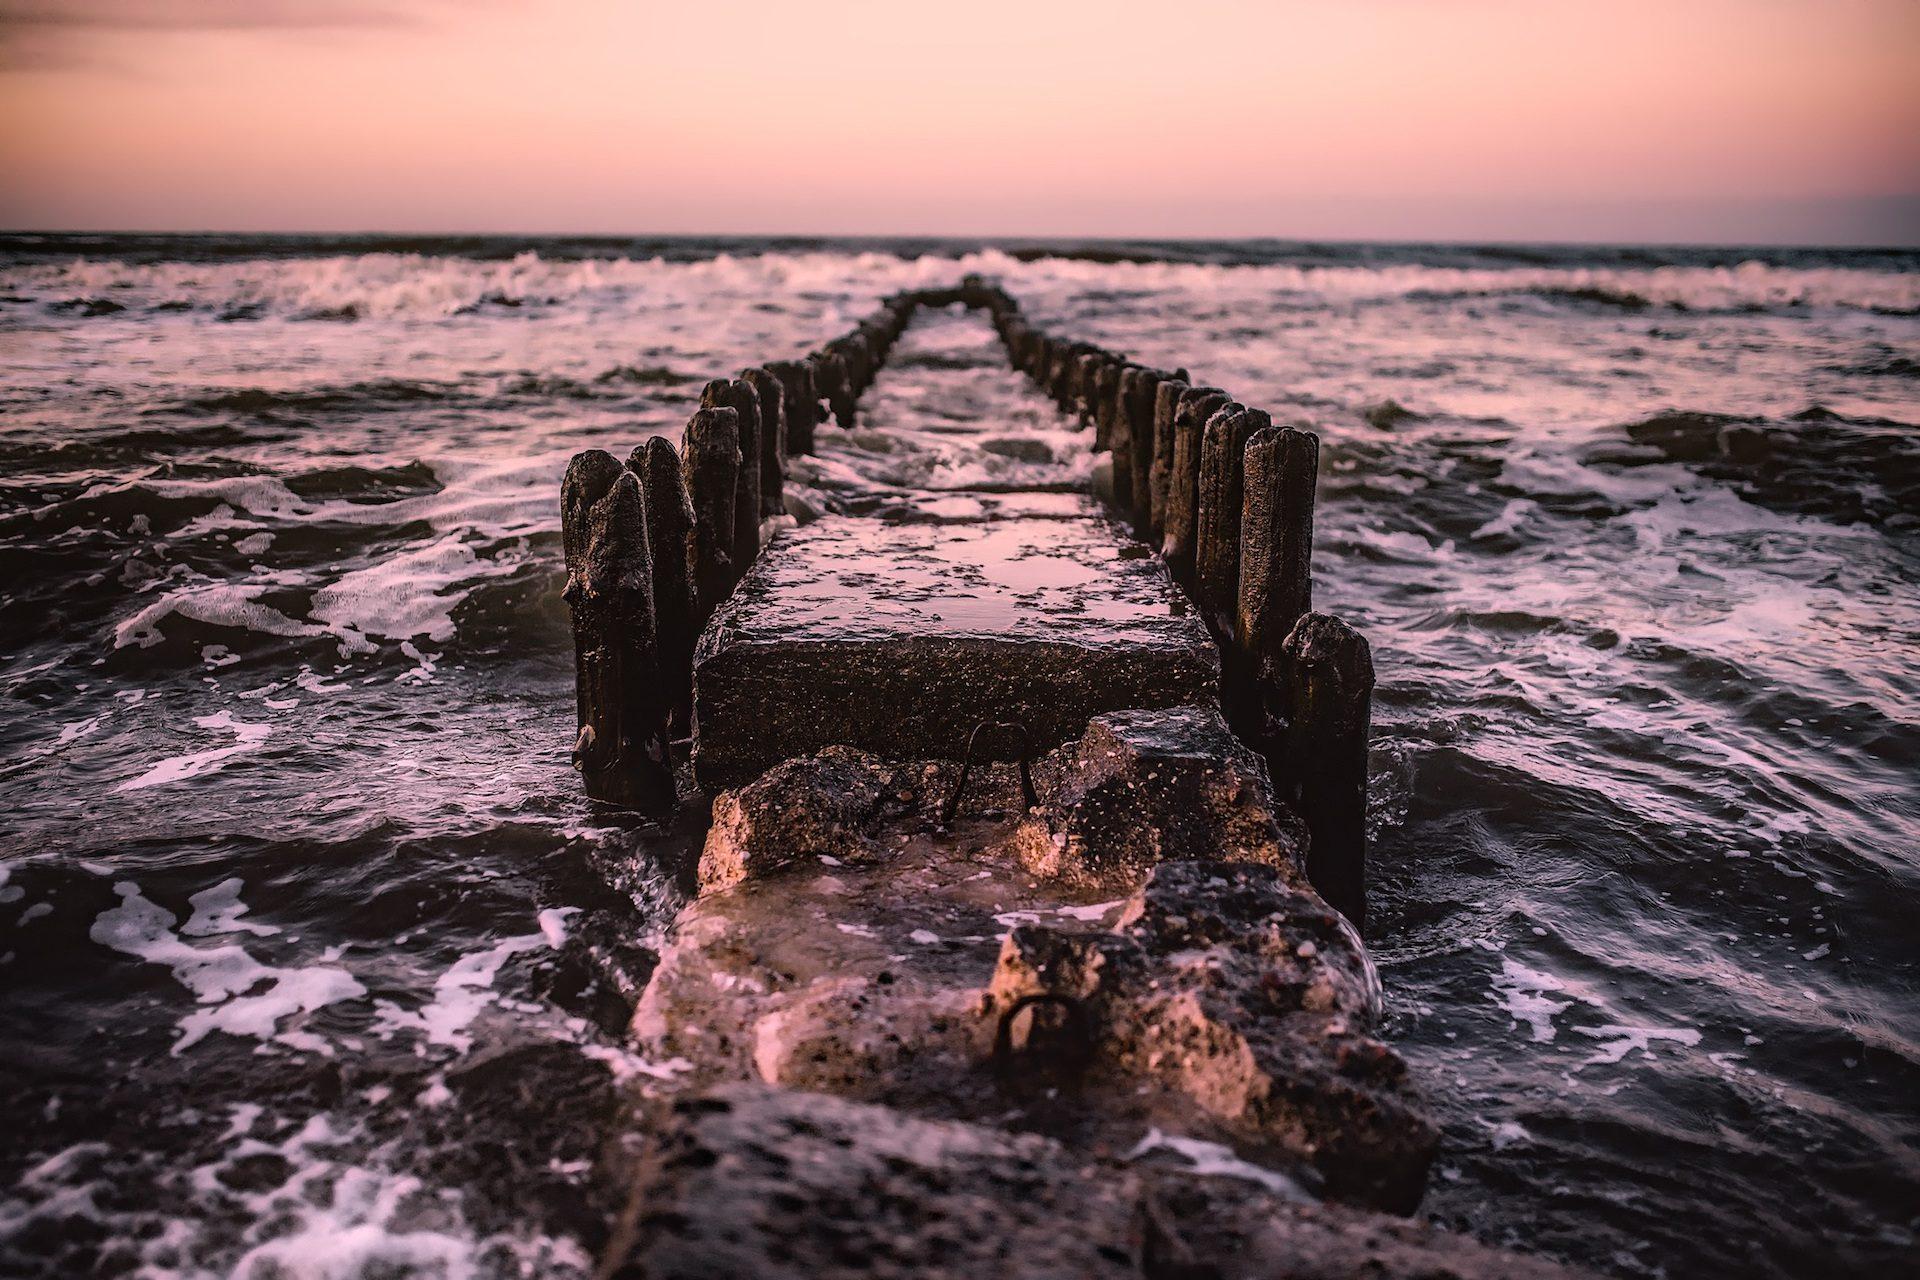 突堤桟橋, ポーランド, まま, relíquias, océano, 水, m海- HD の壁紙 - 教授-falken.com